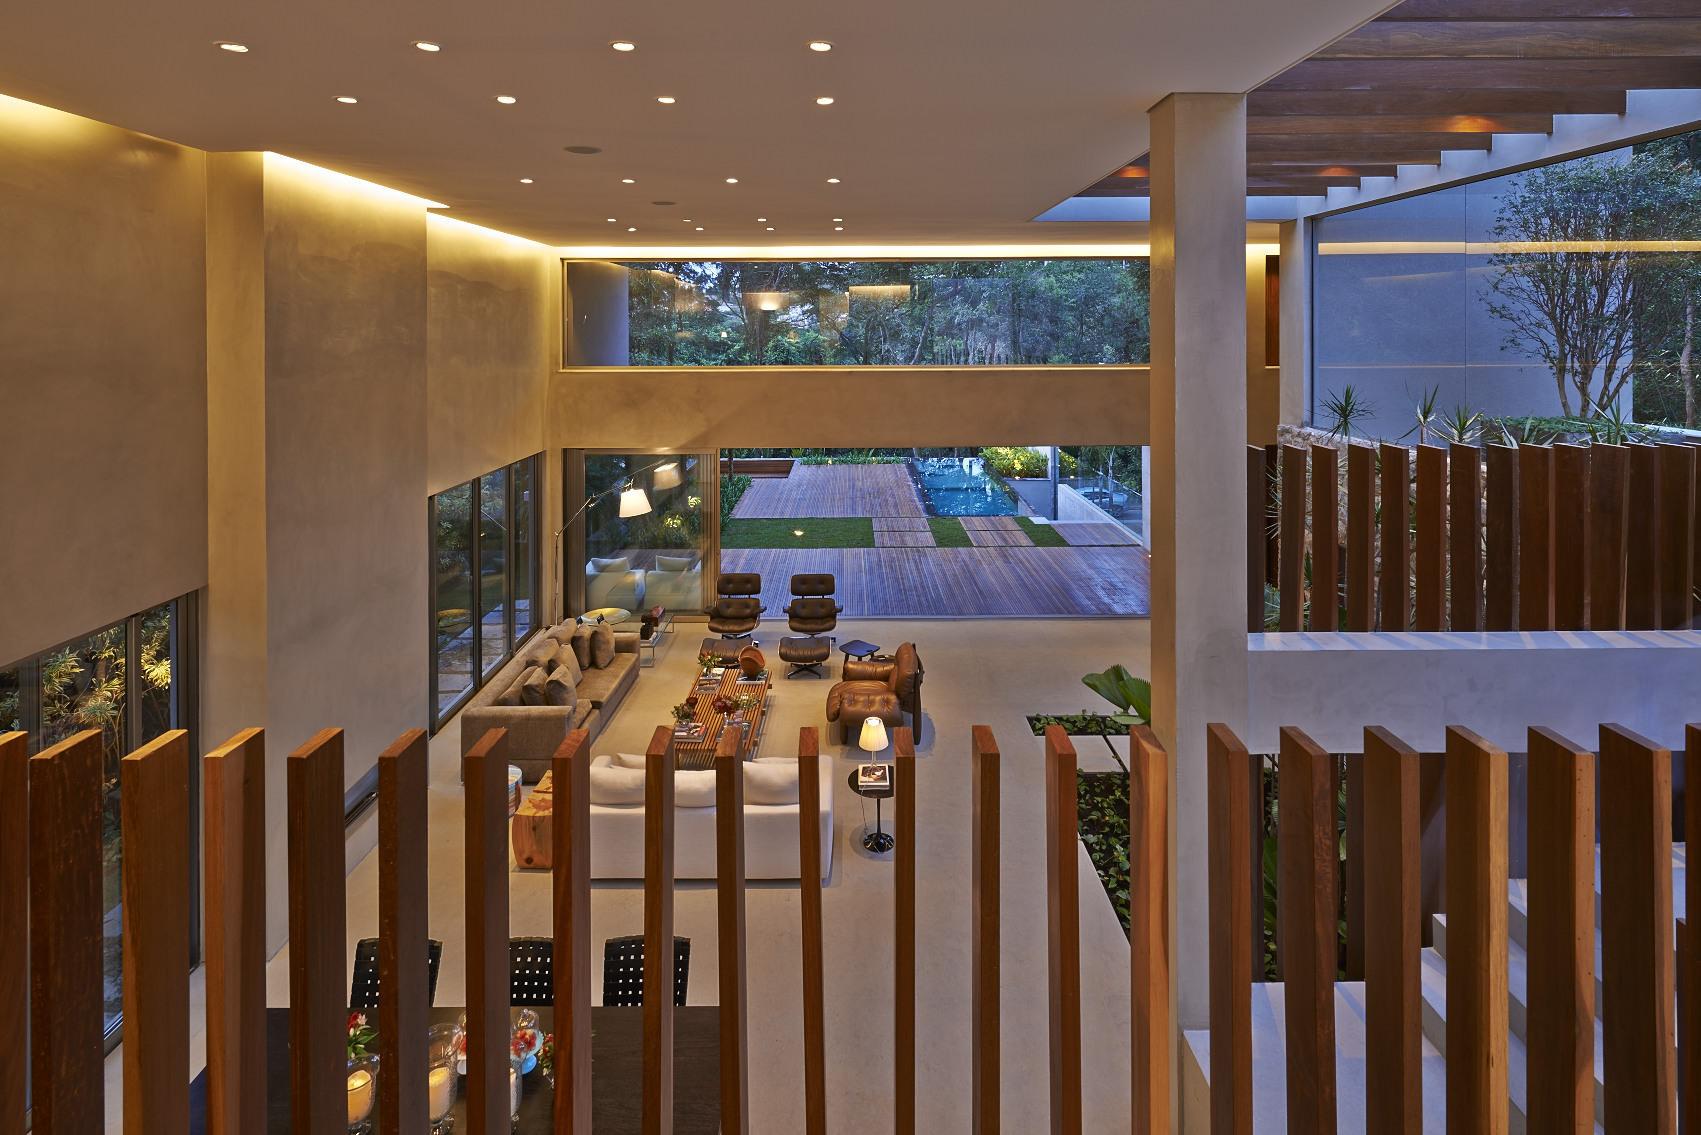 52a3dfd9e8e44e90be000117_bosque-da-ribeira-anastasia-arquitetos__dsc7414